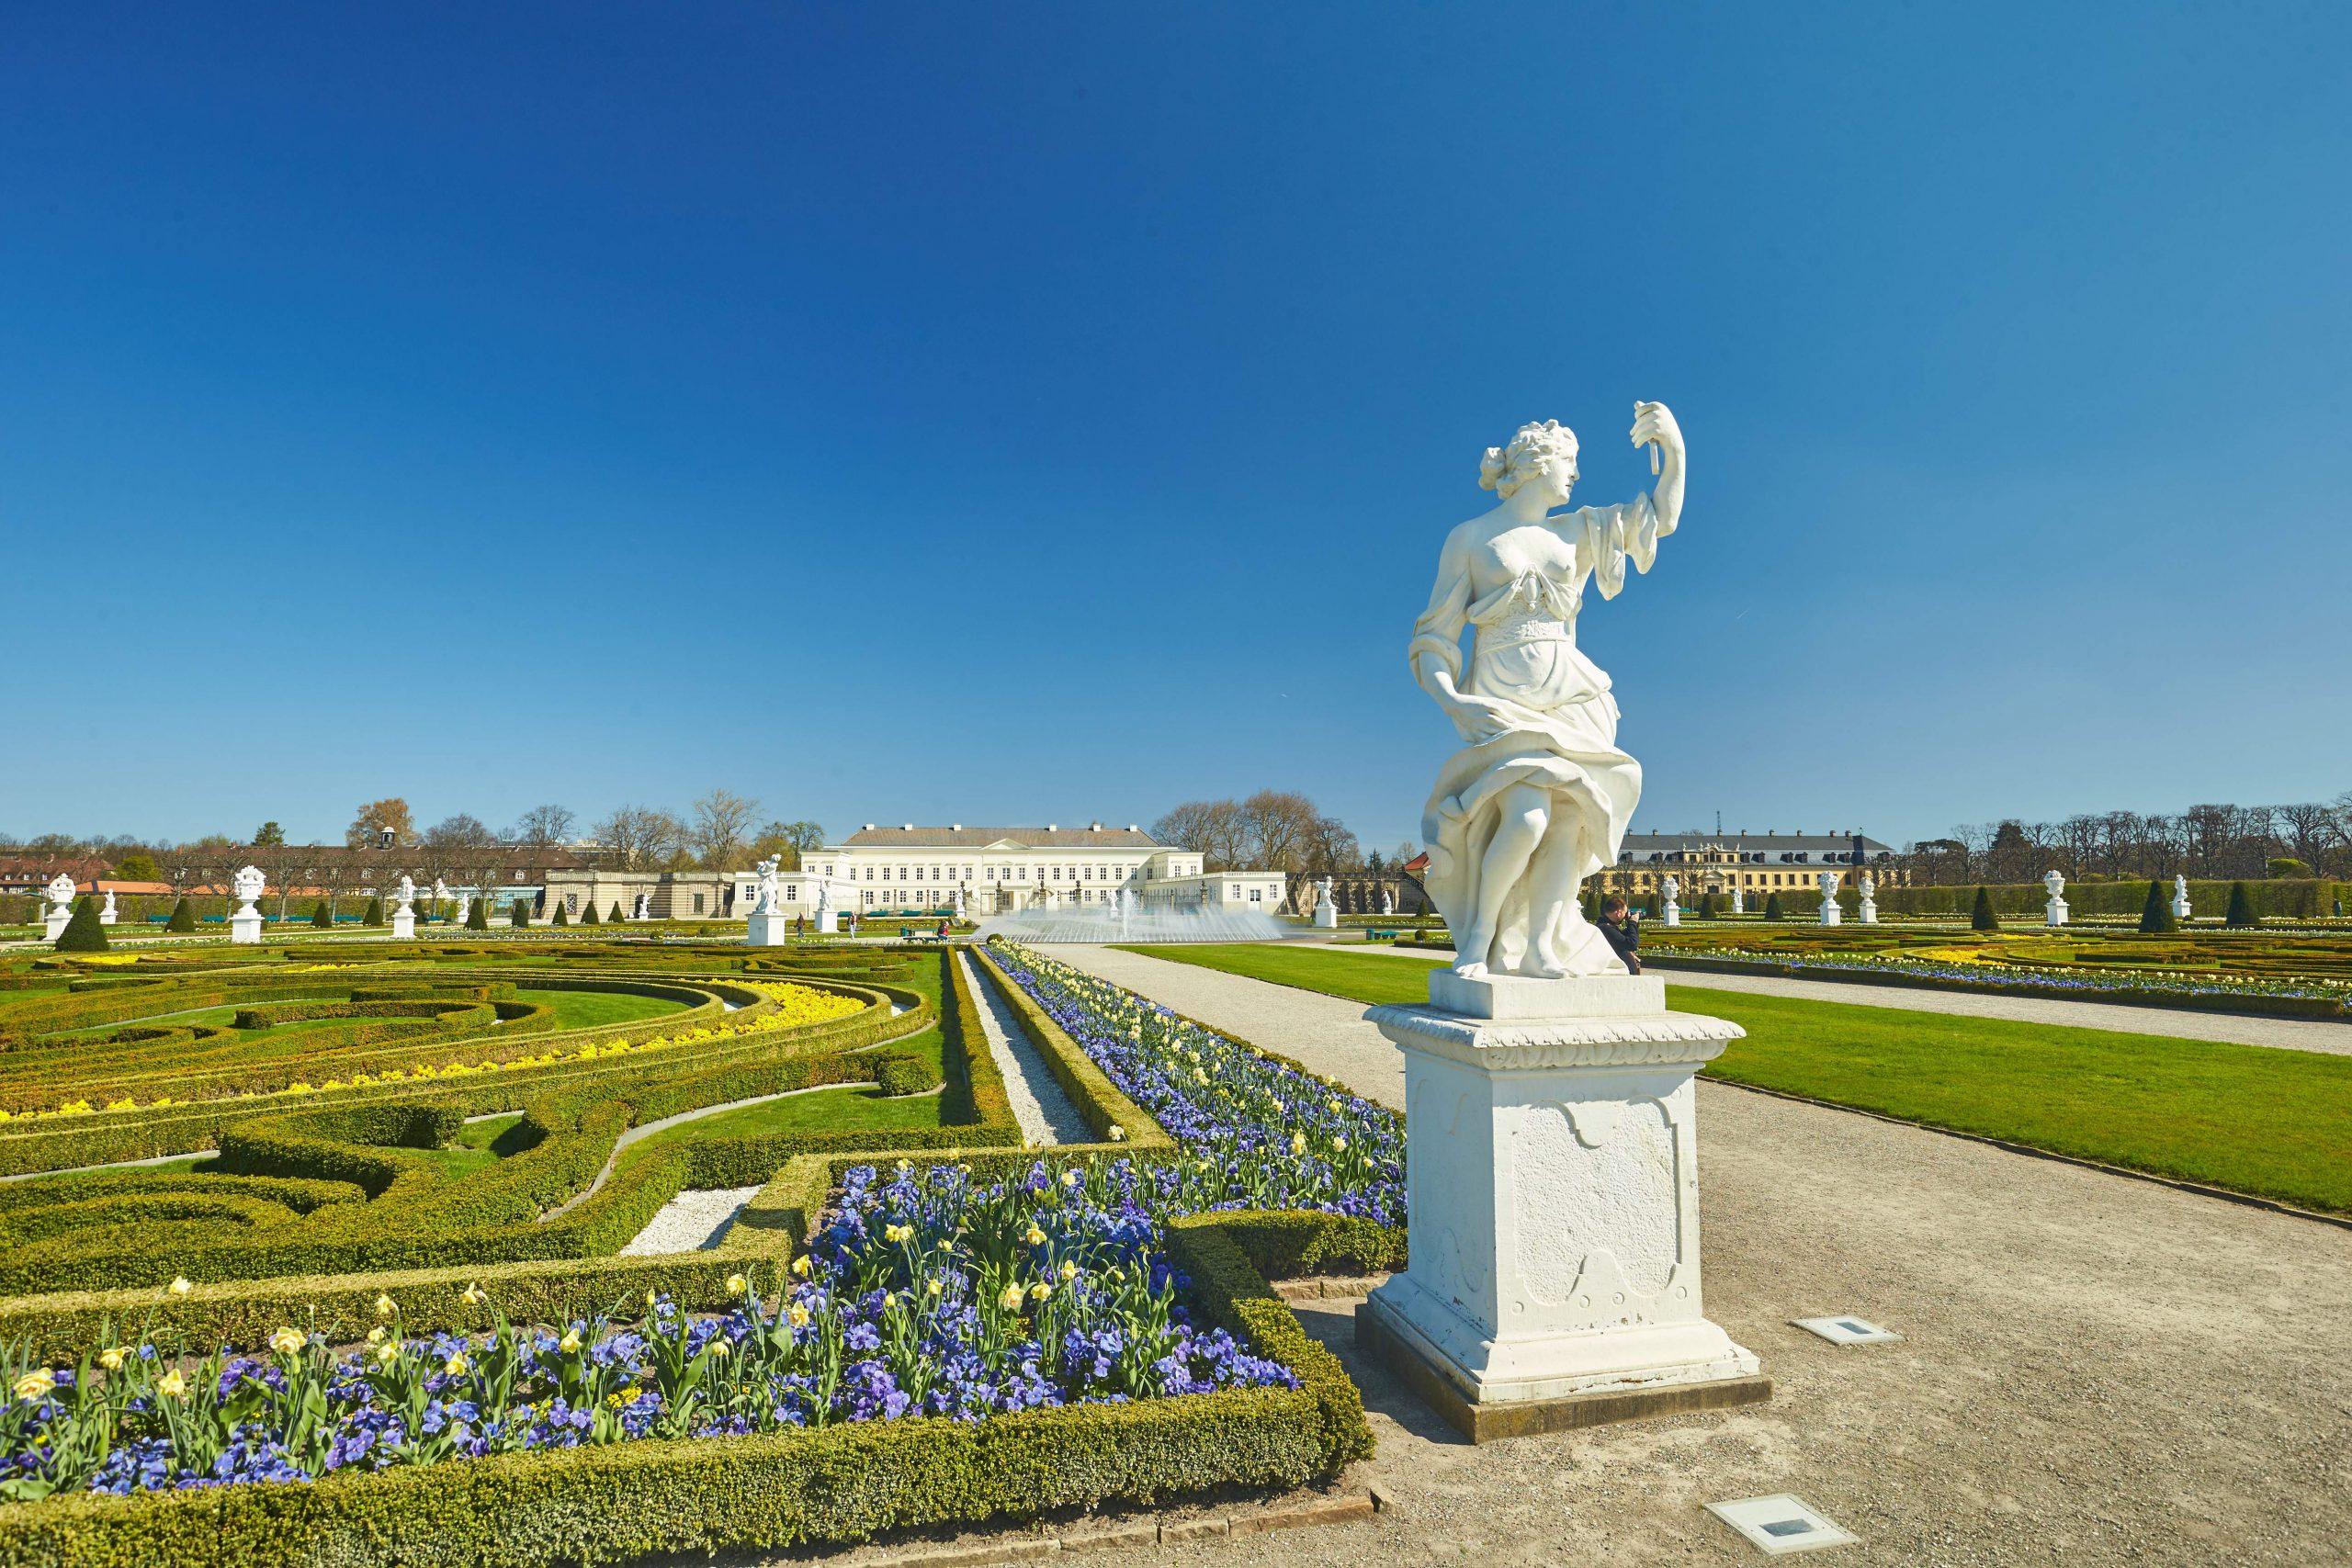 Großer Garten Herrenhäuser Gärten